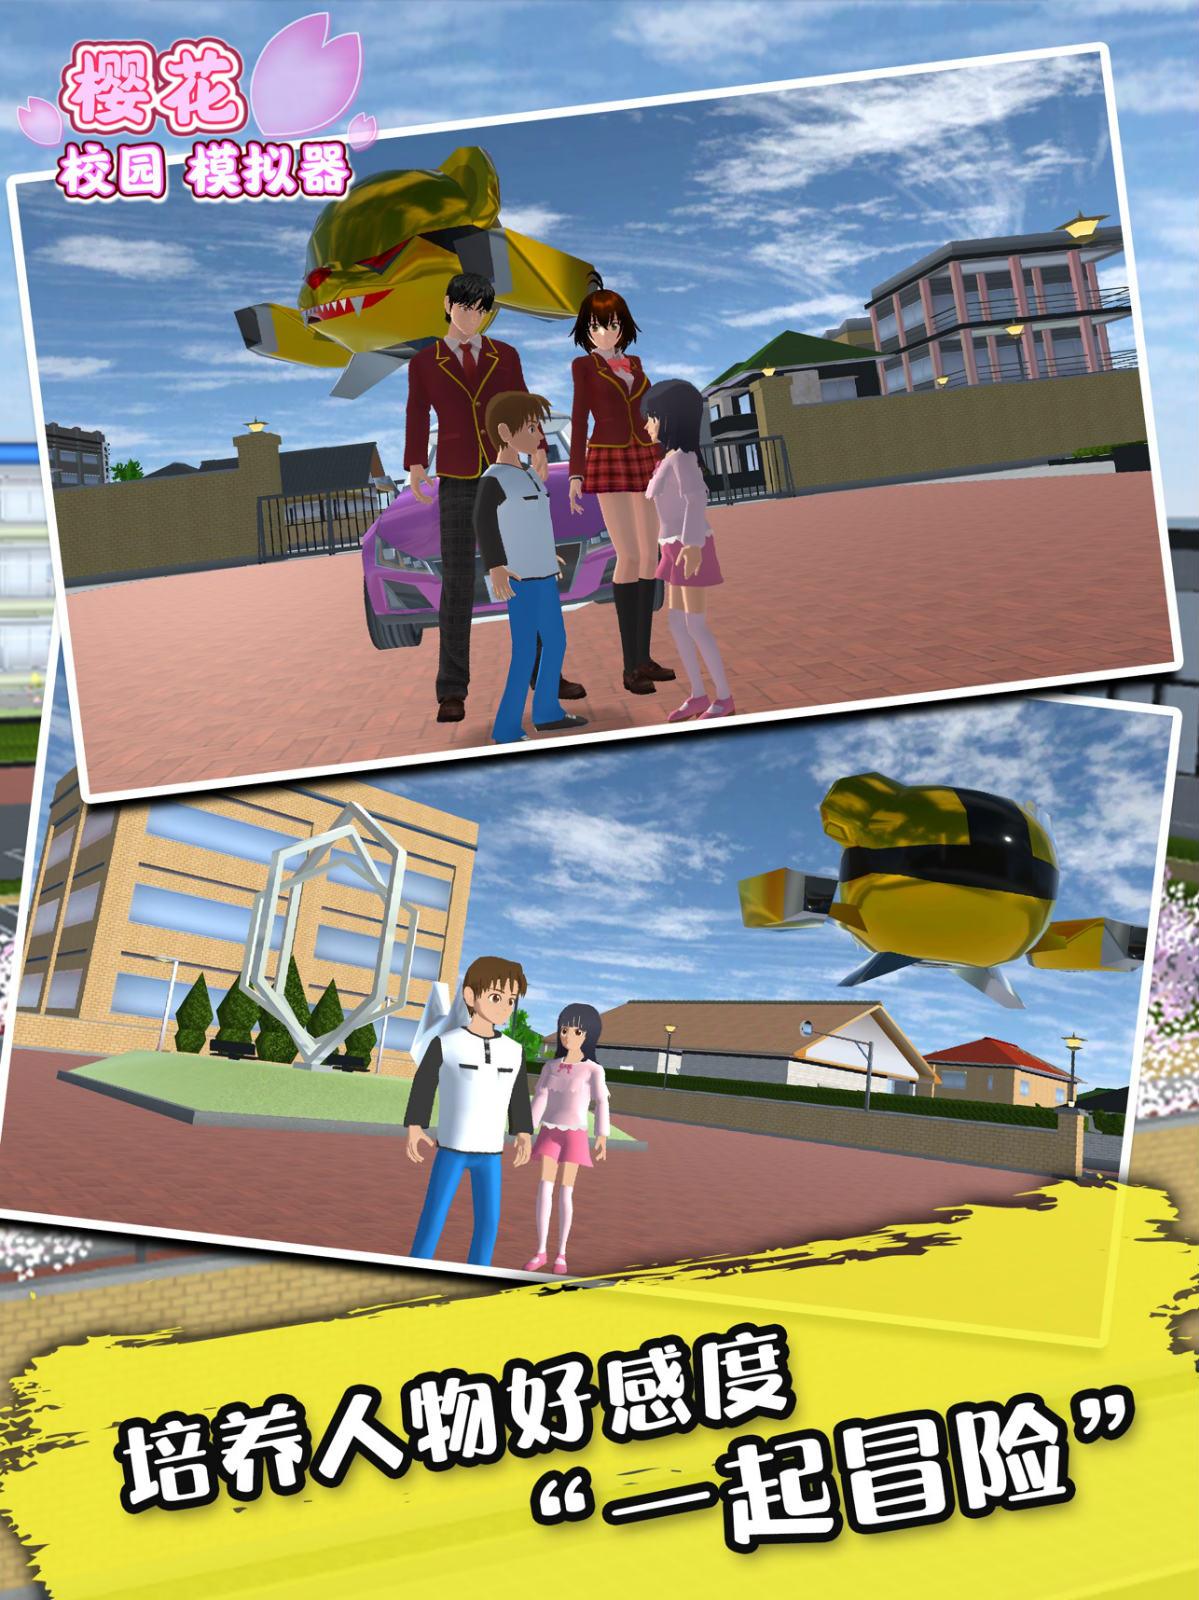 樱花校园模拟器更新了两套服装中文最新版图片1